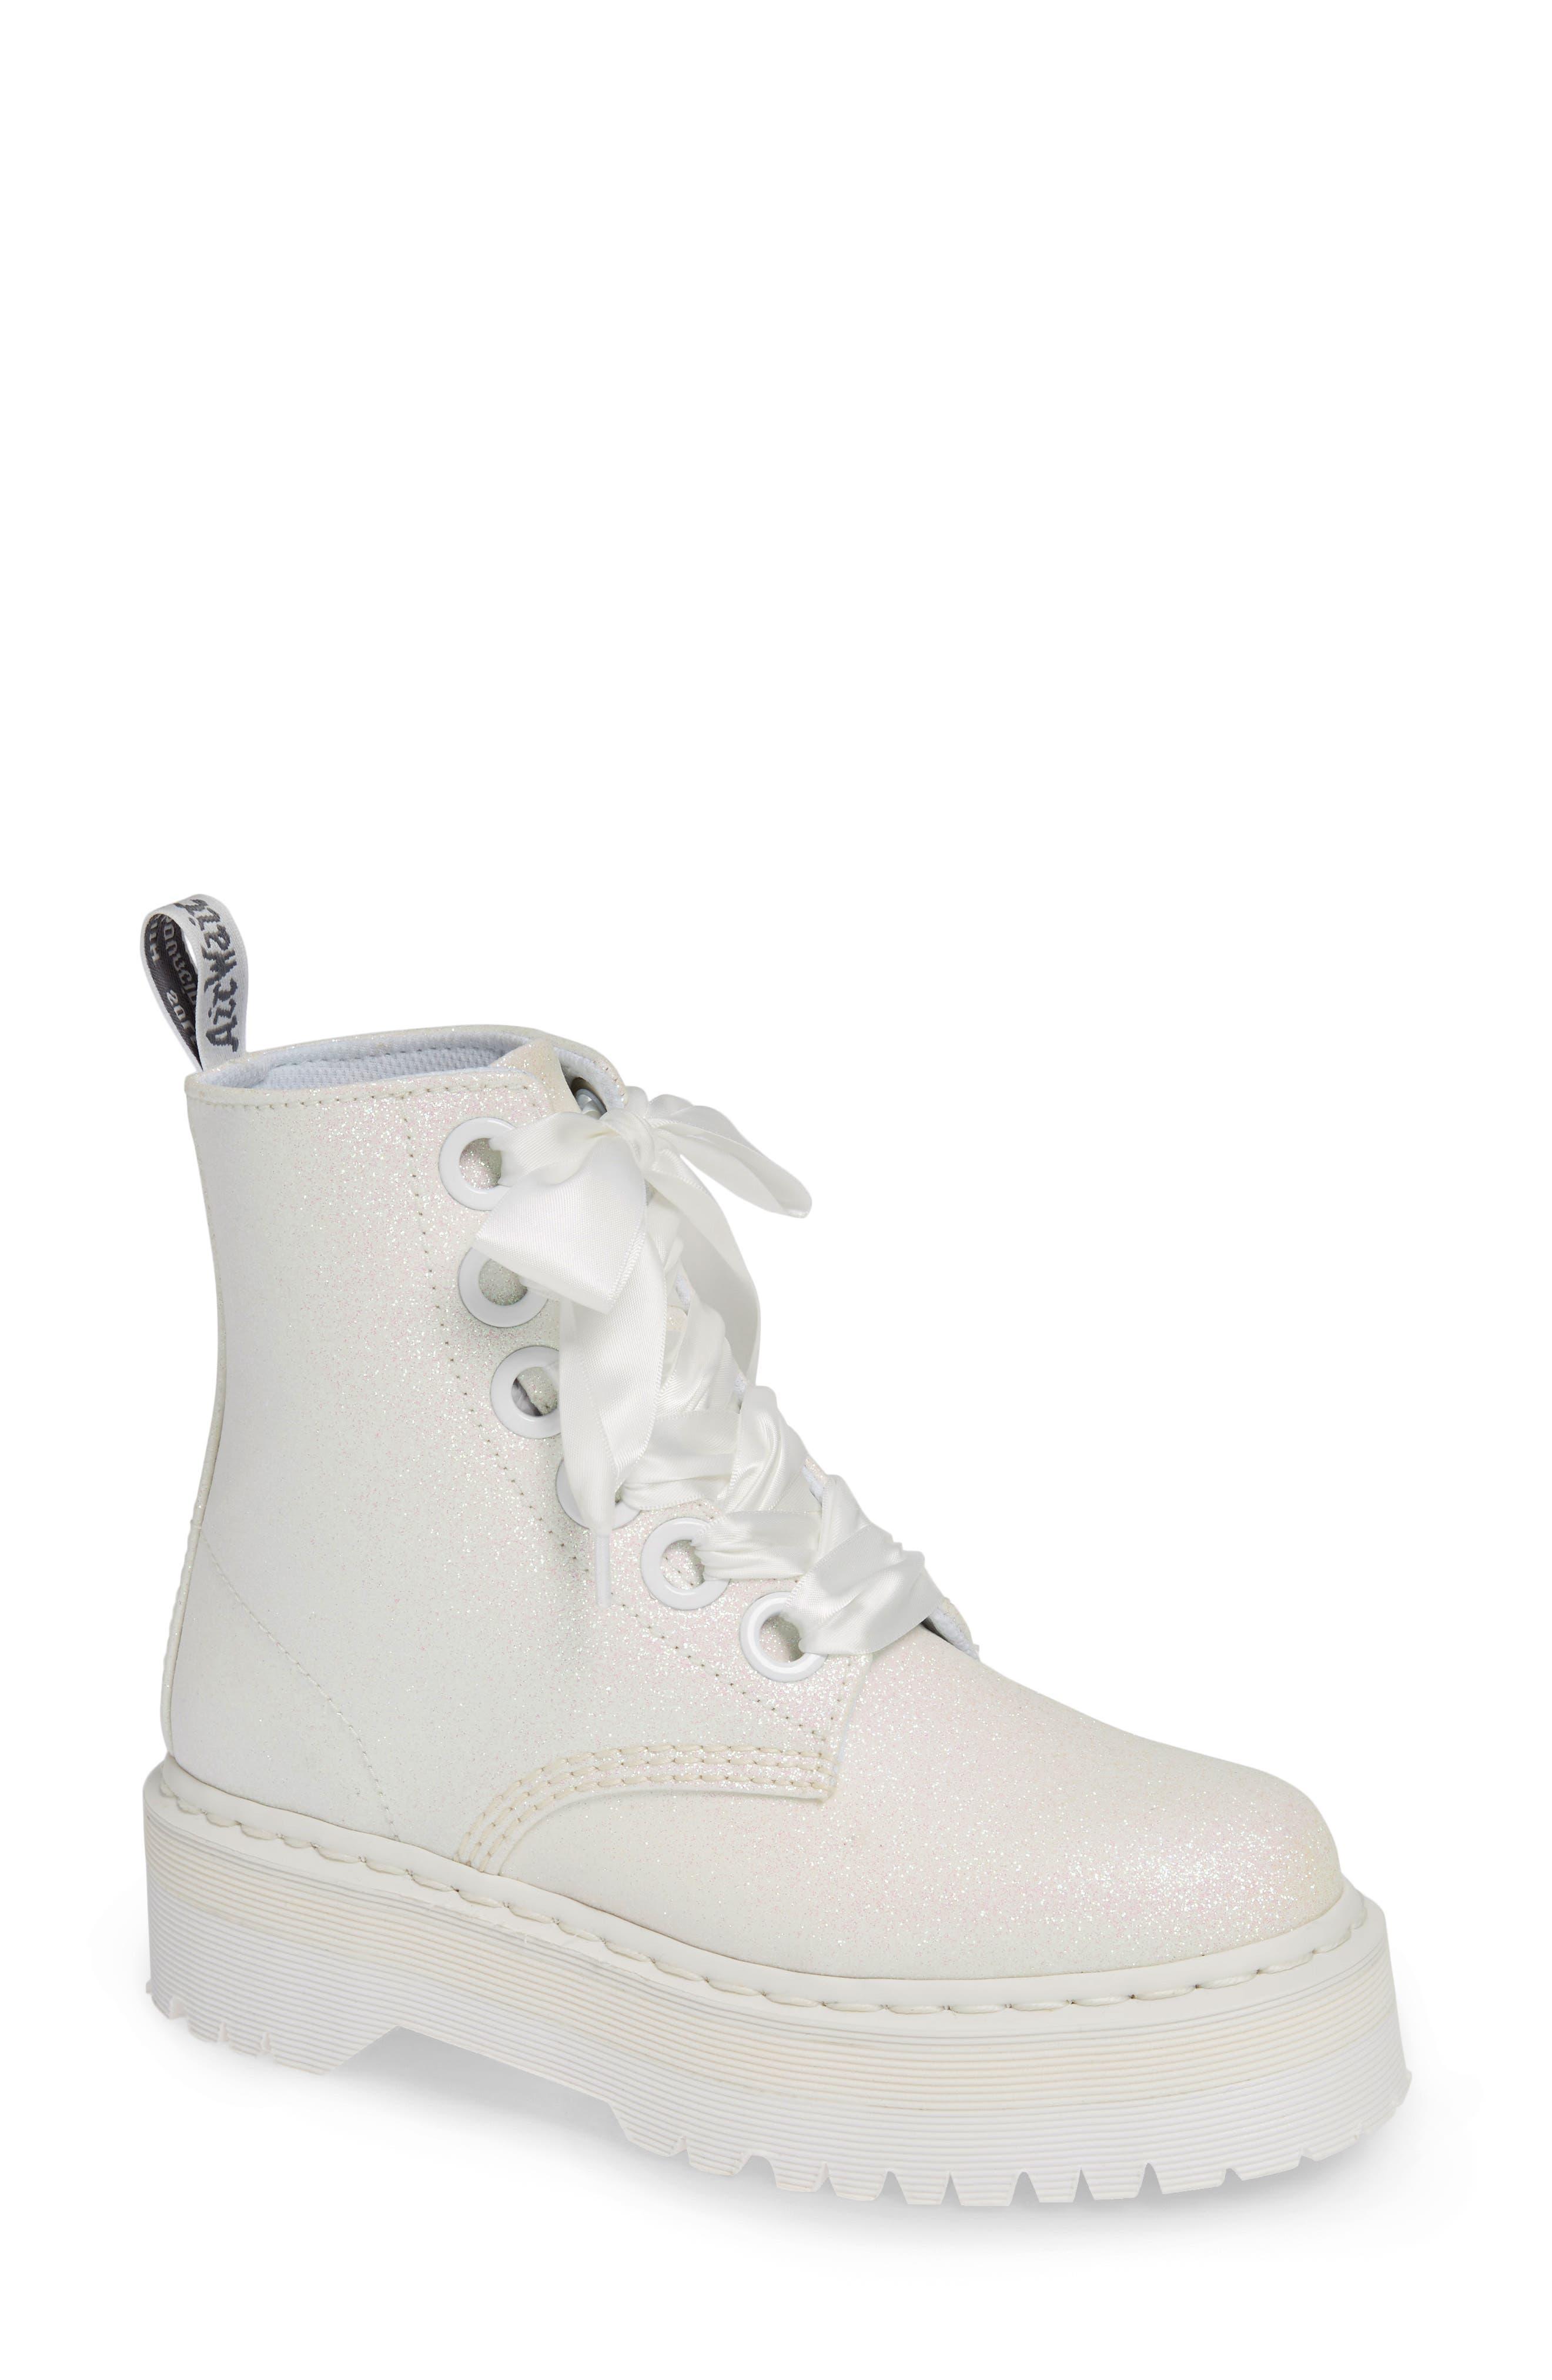 Dr. Martens Molly Glitter Boot, US/ 4UK - White